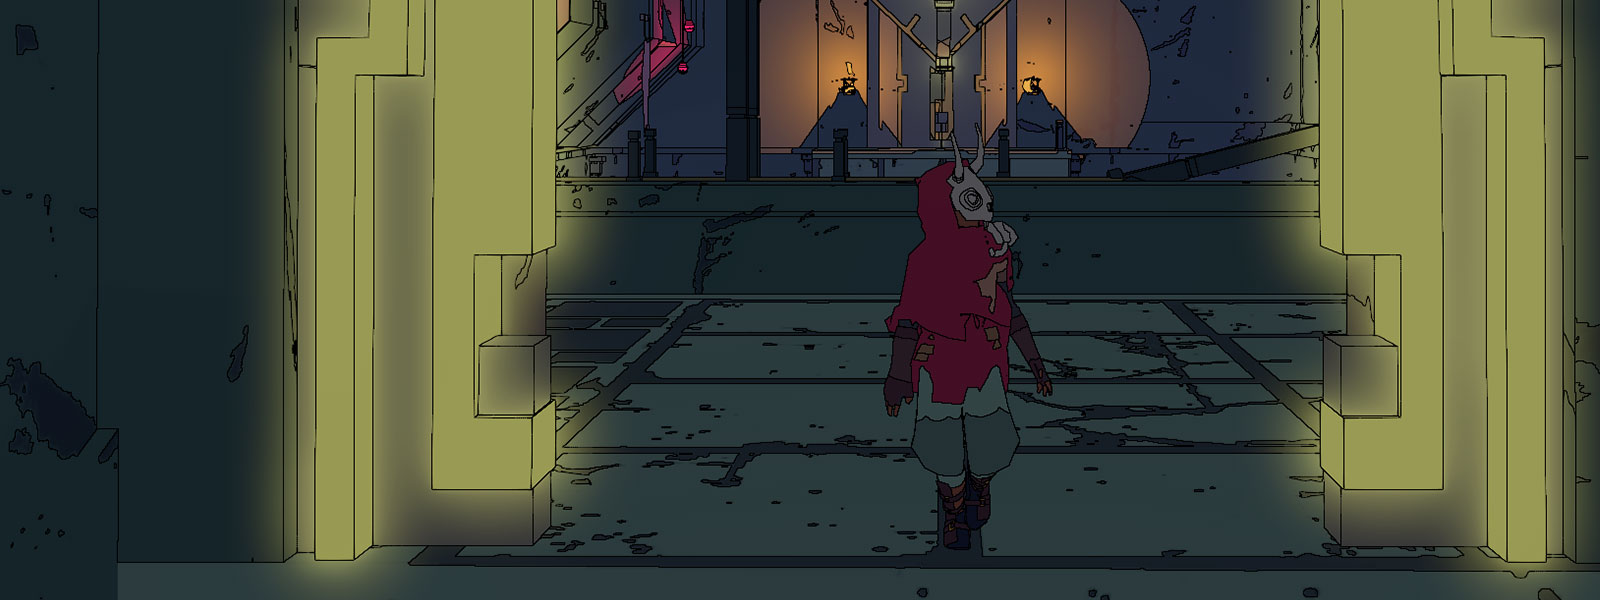 Η Sable περπατάει μέσα από είσοδο με φωτεινές λεπτομέρειες